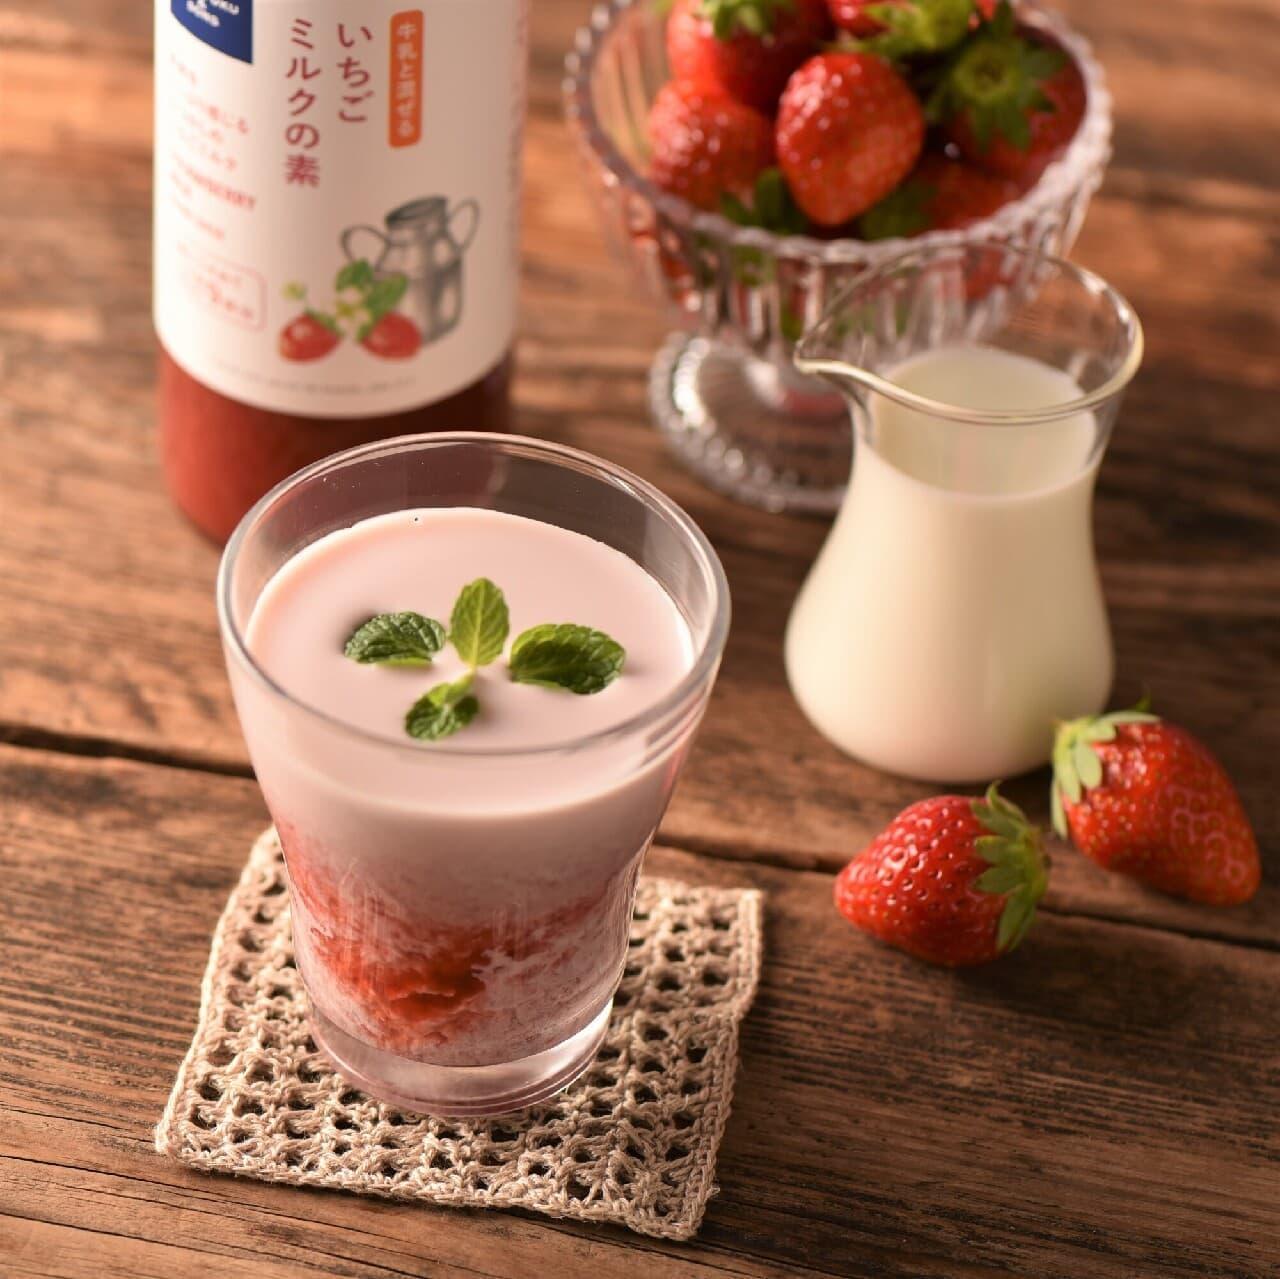 「牛乳と混ぜる いちごミルクの素」の大容量サイズ